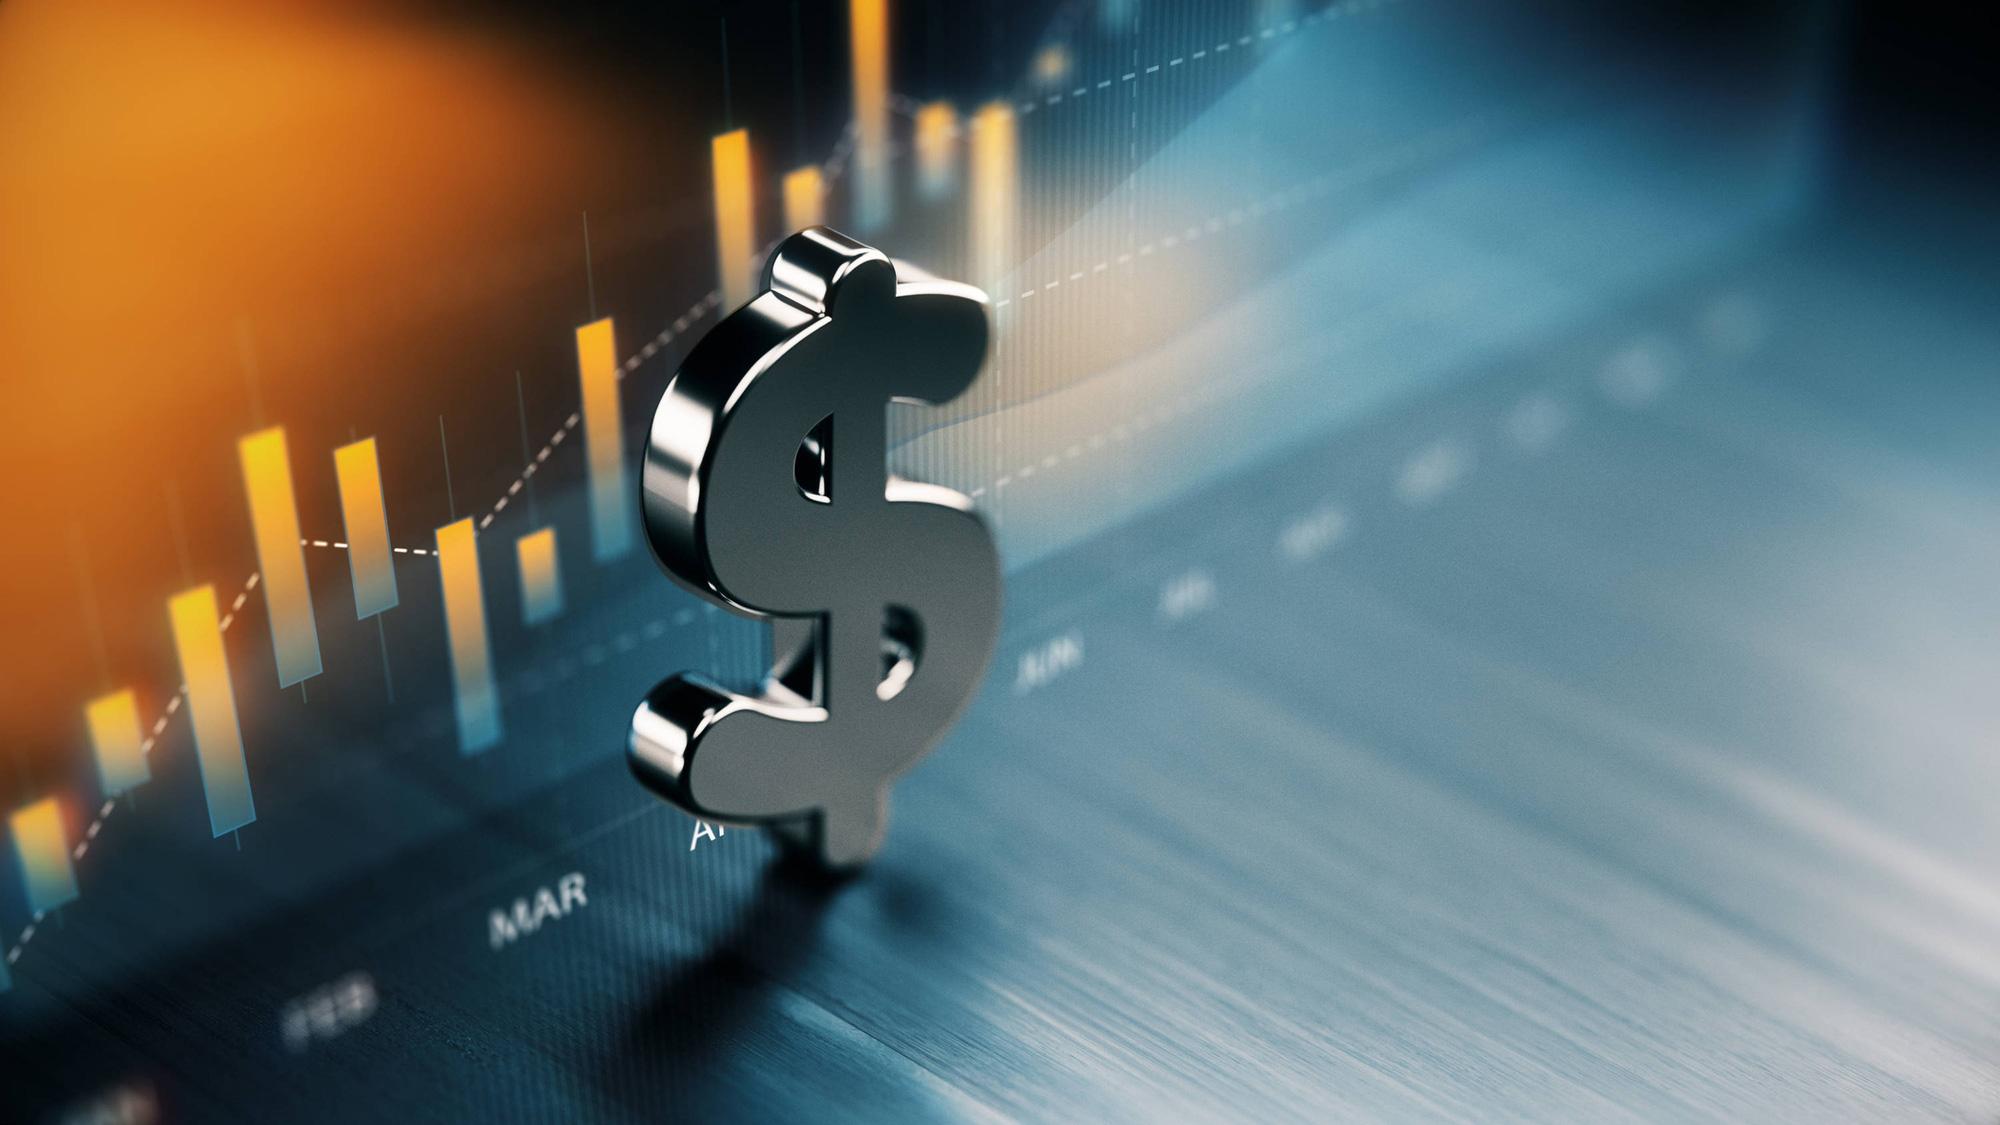 5 cách quản lý tiền giúp bạn không còn nợ nần - Ảnh 5.